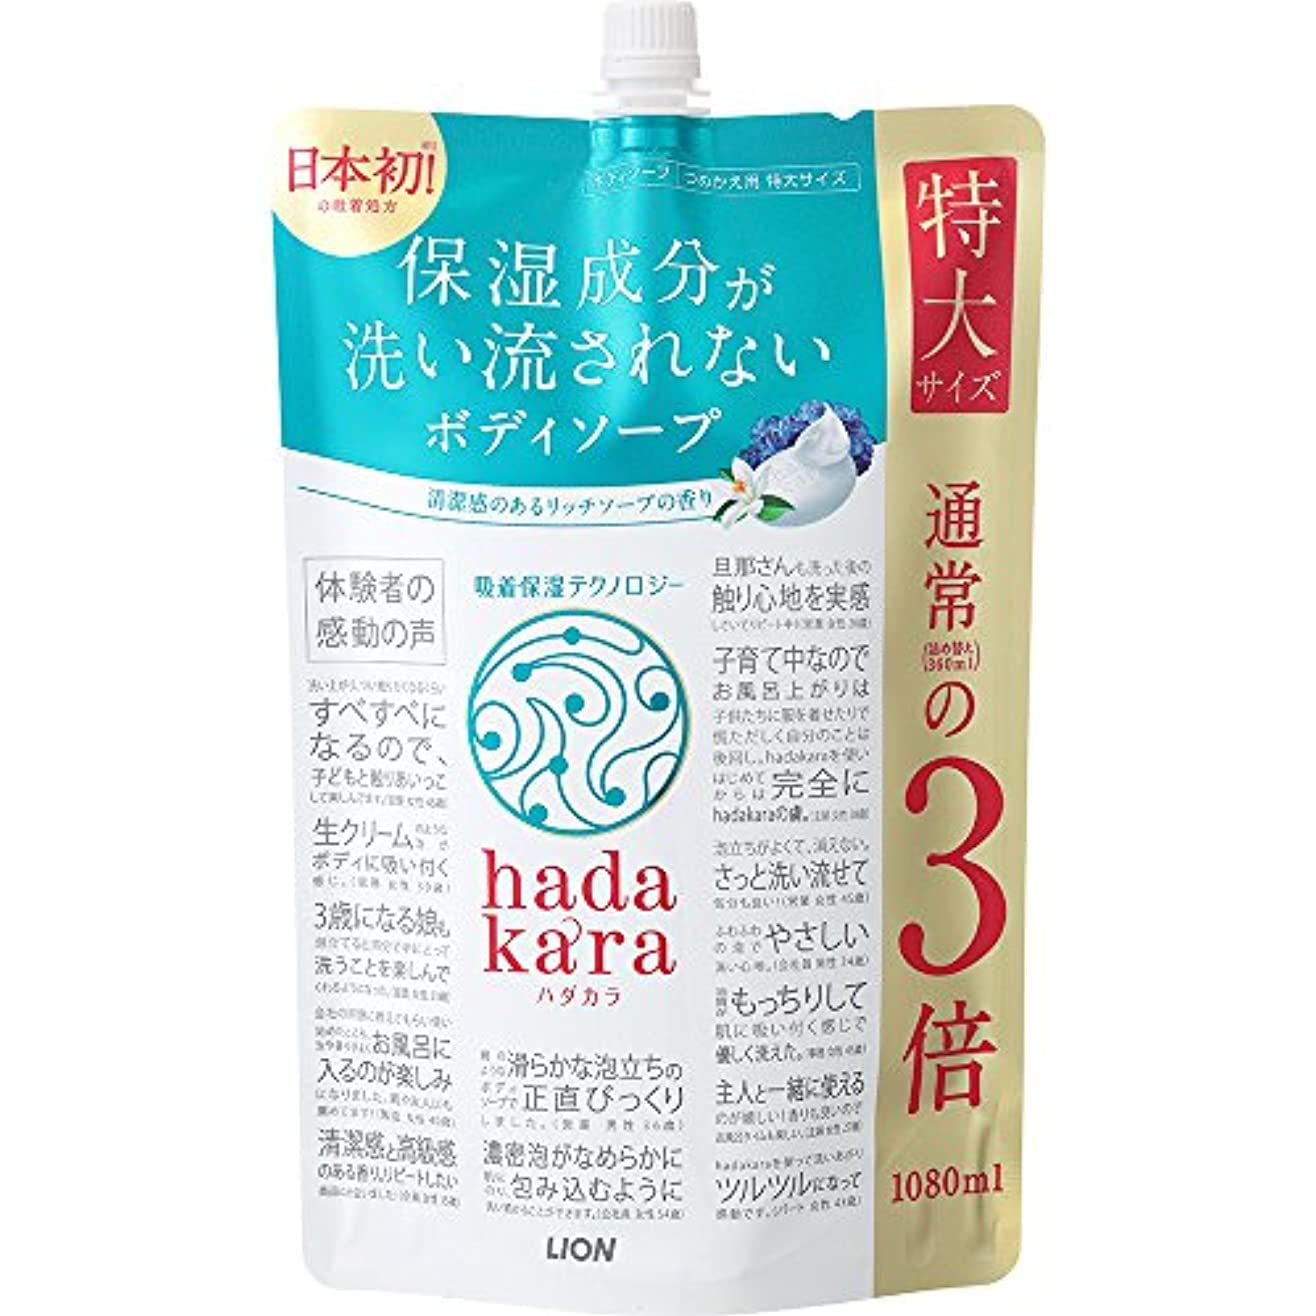 ナイトスポット残忍な慈善【大容量】hadakara(ハダカラ) ボディソープ リッチソープの香り 詰め替え 特大 1080ml